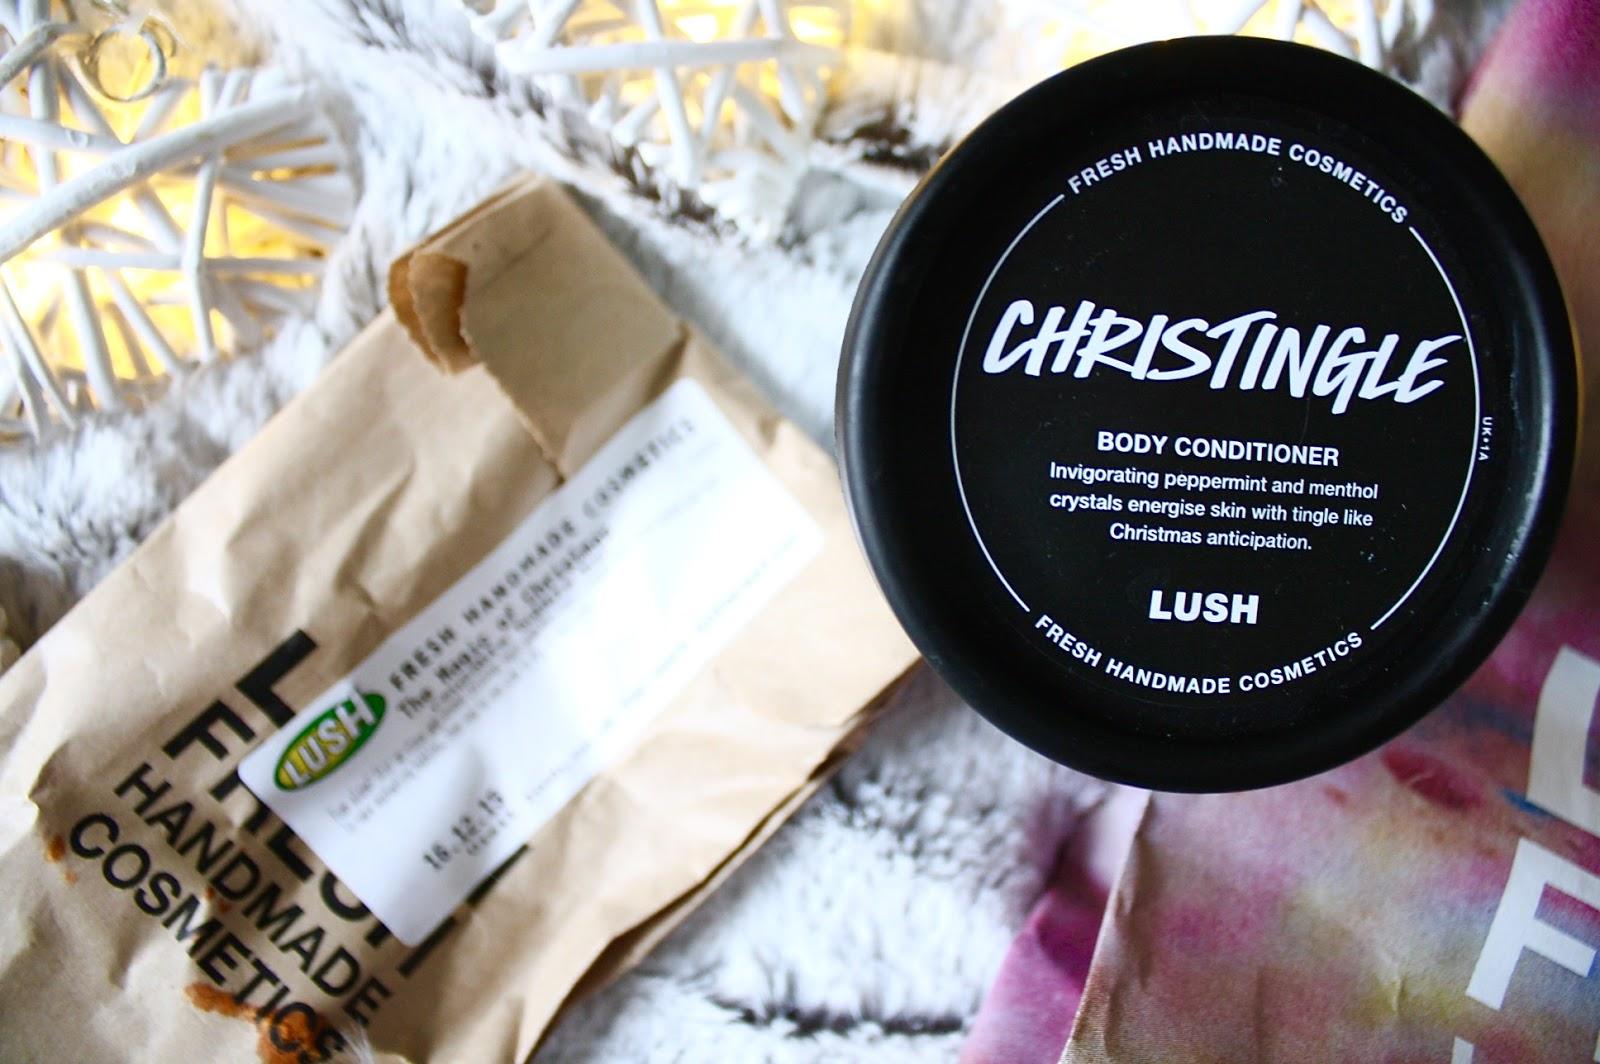 Lush Christmas Christingle